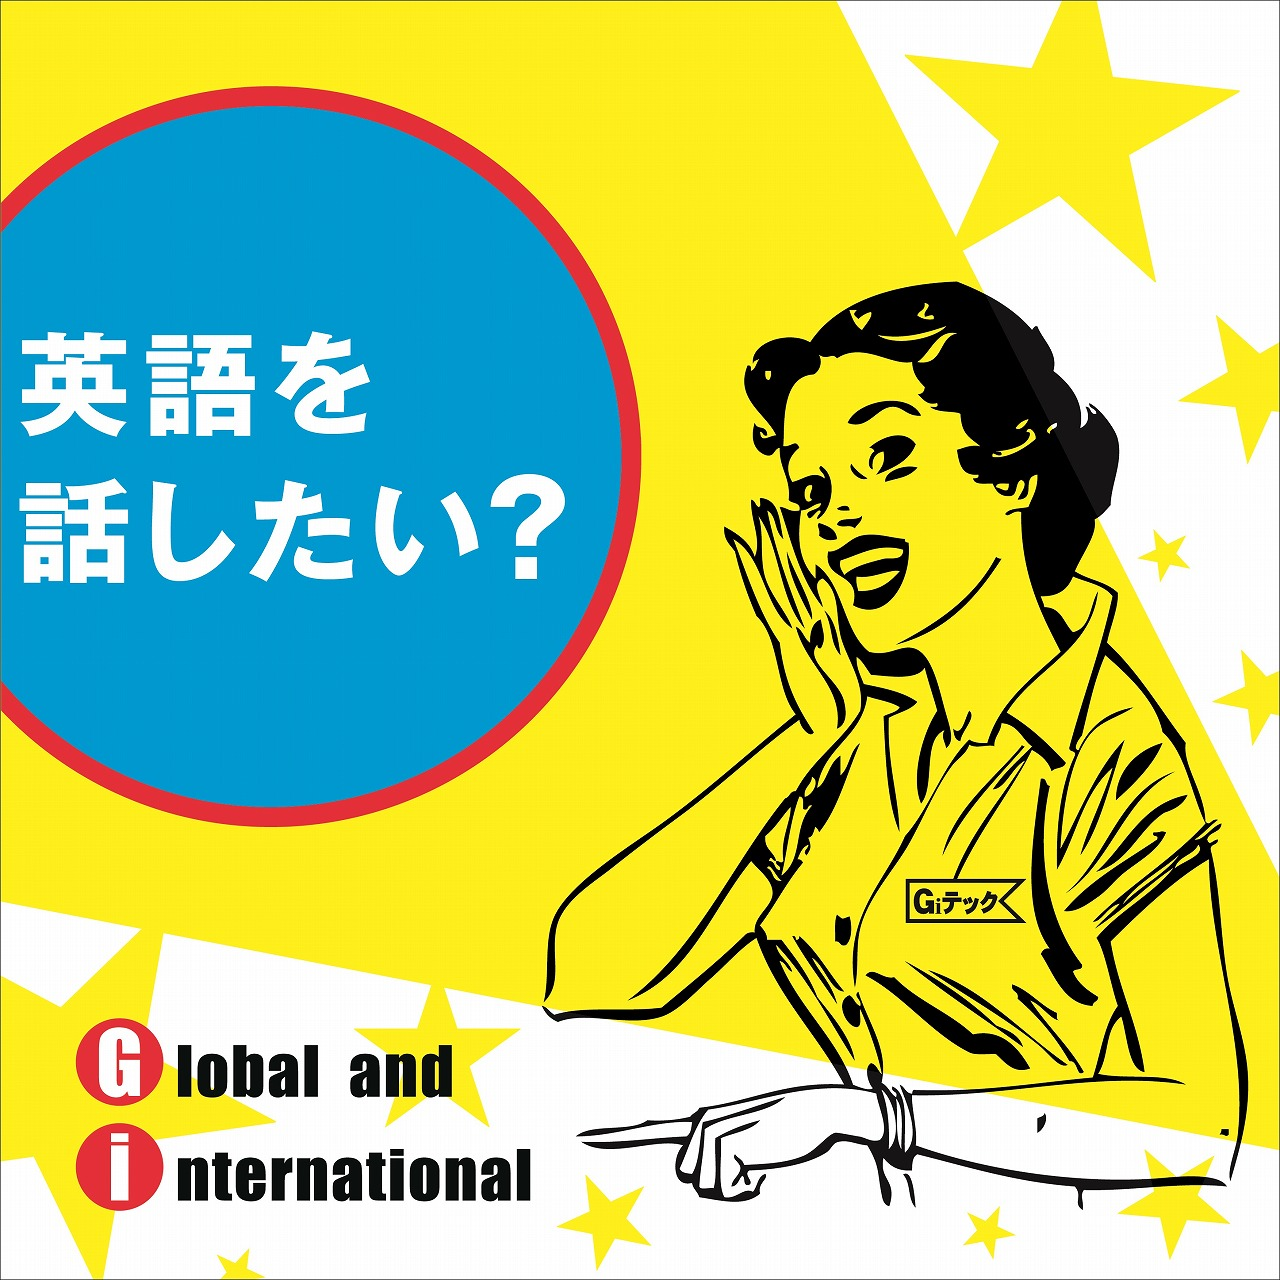 英語を話したい?